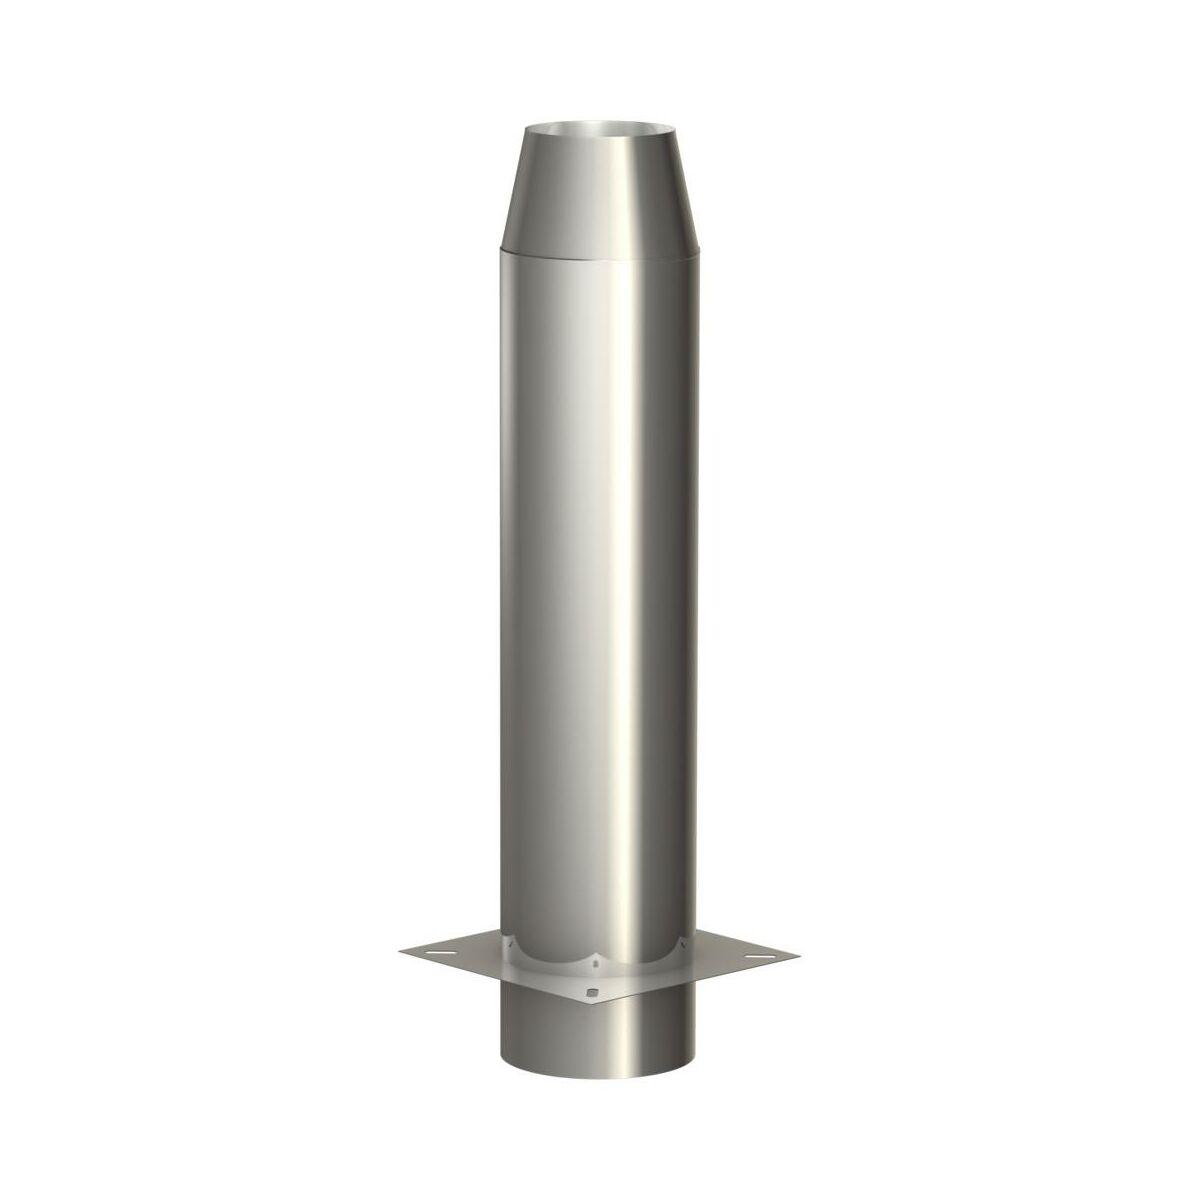 Przedluzenie Izolowane Komina 200 Mm Mk Odprowadzenie Spalin W Atrakcyjnej Cenie W Sklepach Leroy Merlin